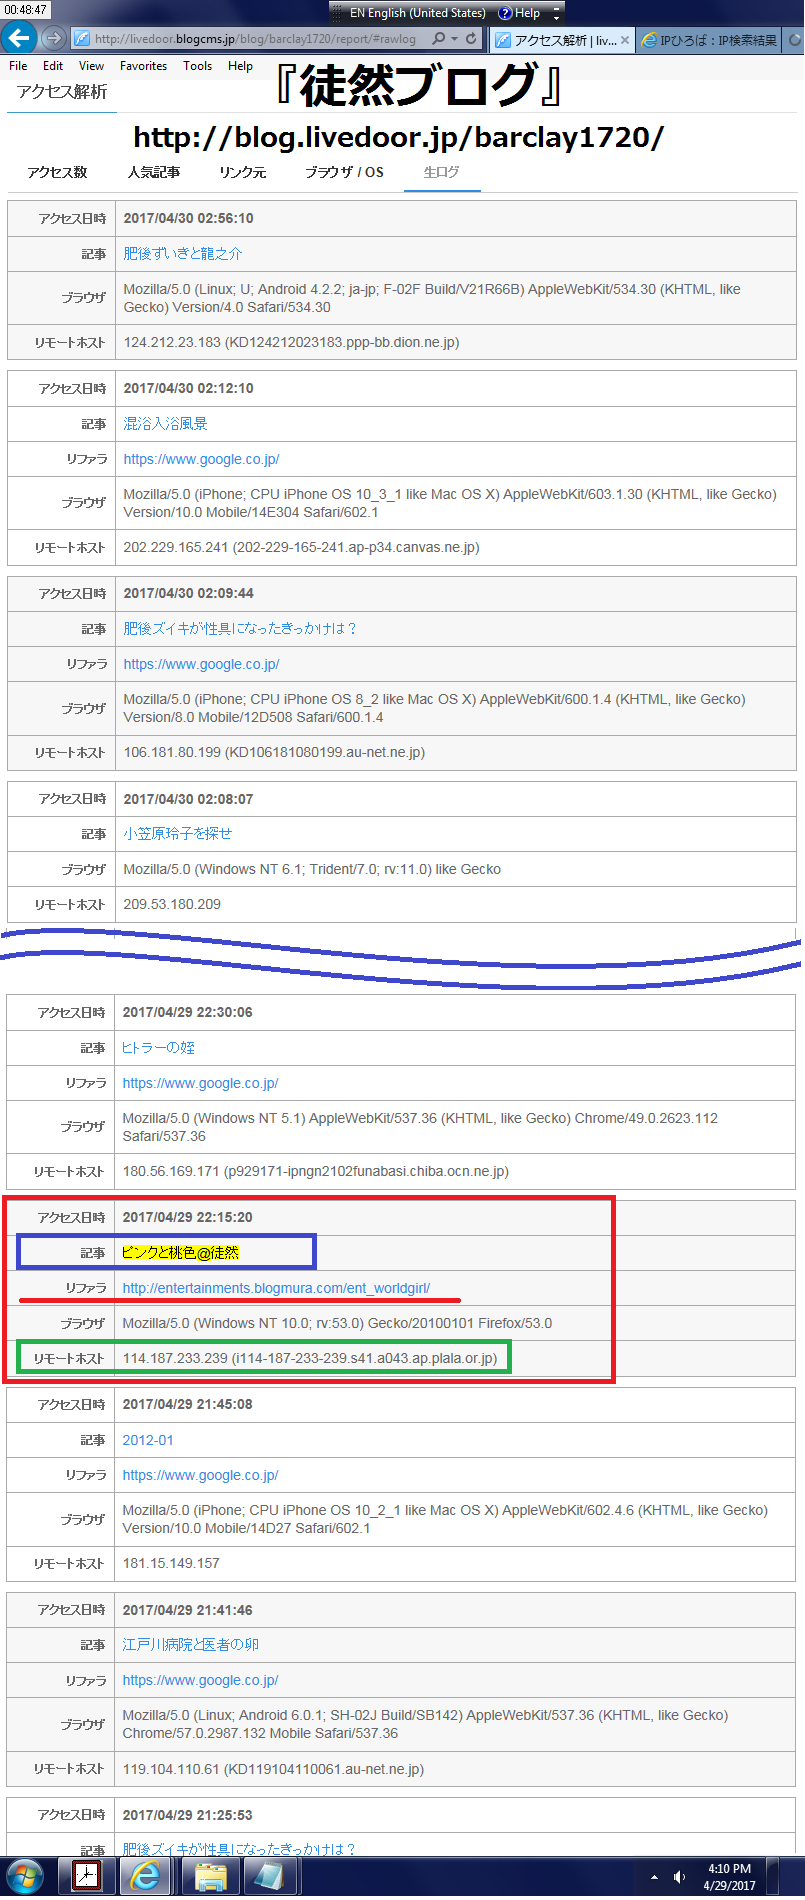 ライブドア『徒然ブログ』の日本時間で2017年4月29日の午後9時25分から4月30日の午前2時56分までの約5時間半の「生ログ」の一部